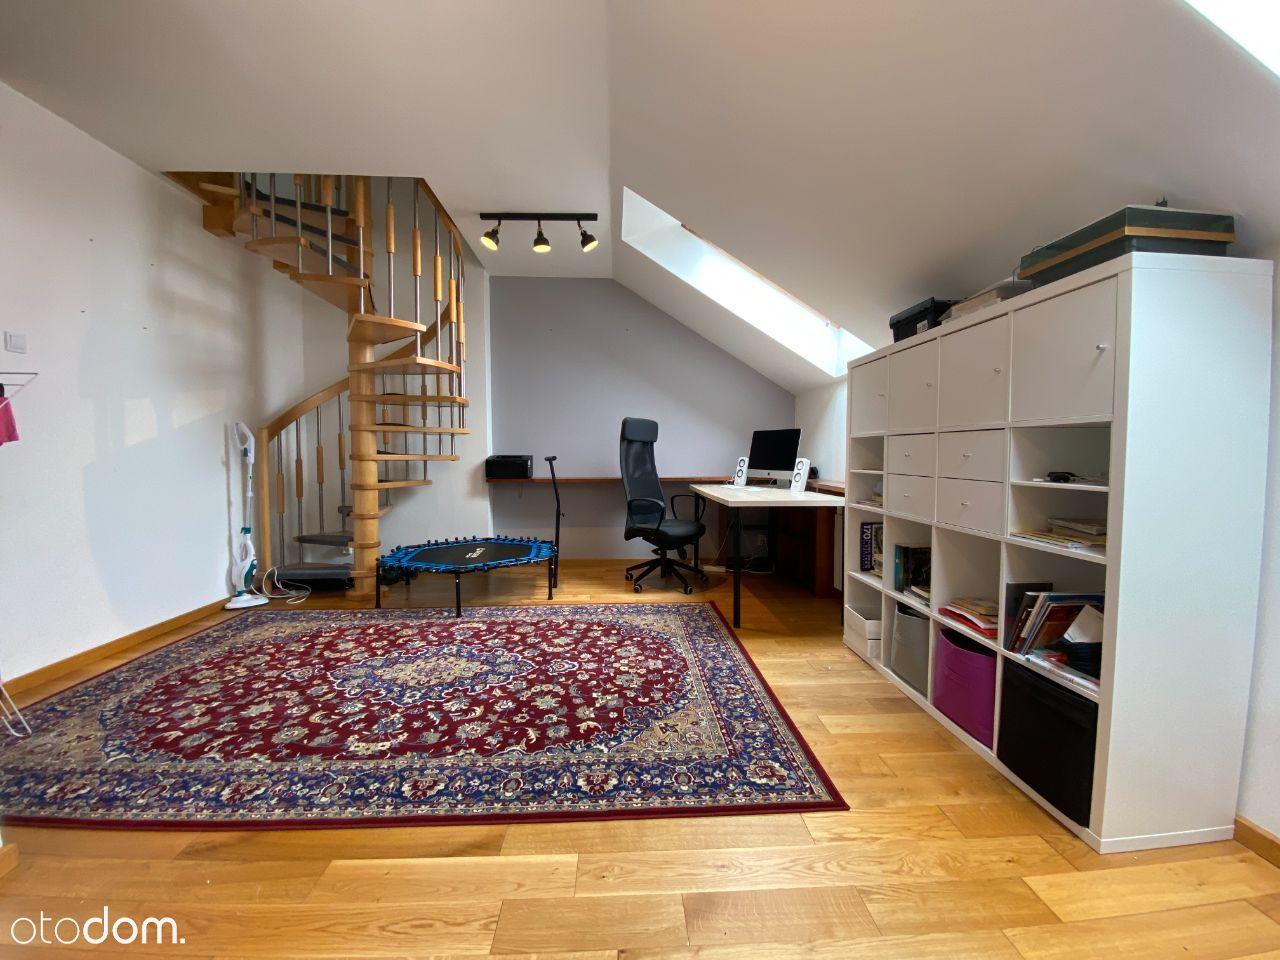 79m2, 3 pok. + salon z kuchnią, 2 poziomy, parkiet